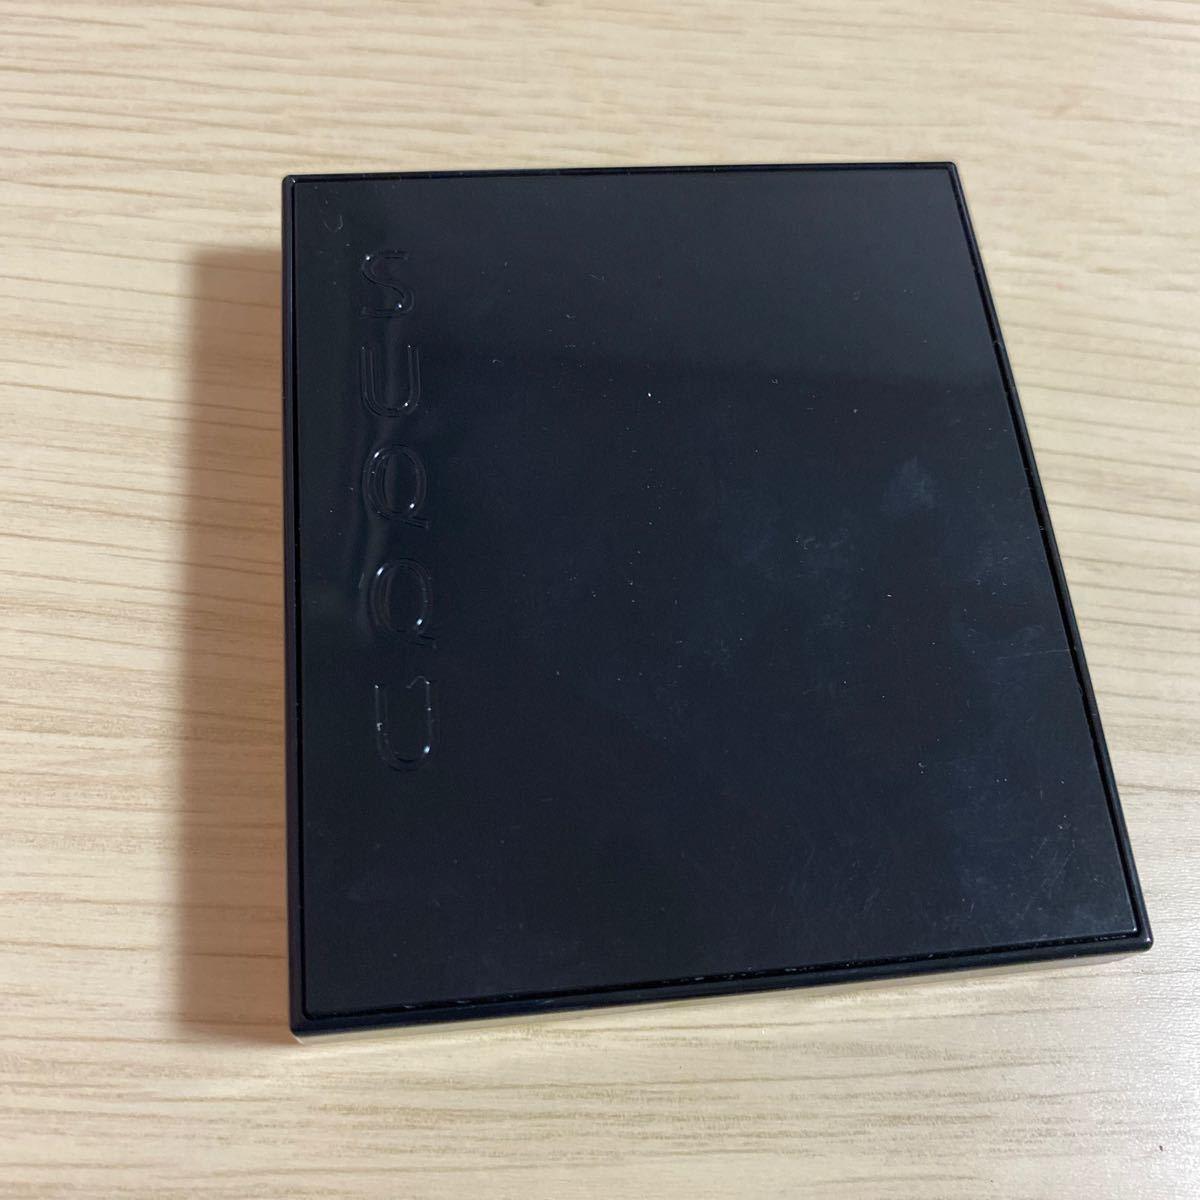 SUQQU デザイニングカラーアイズ スック 09 涼月